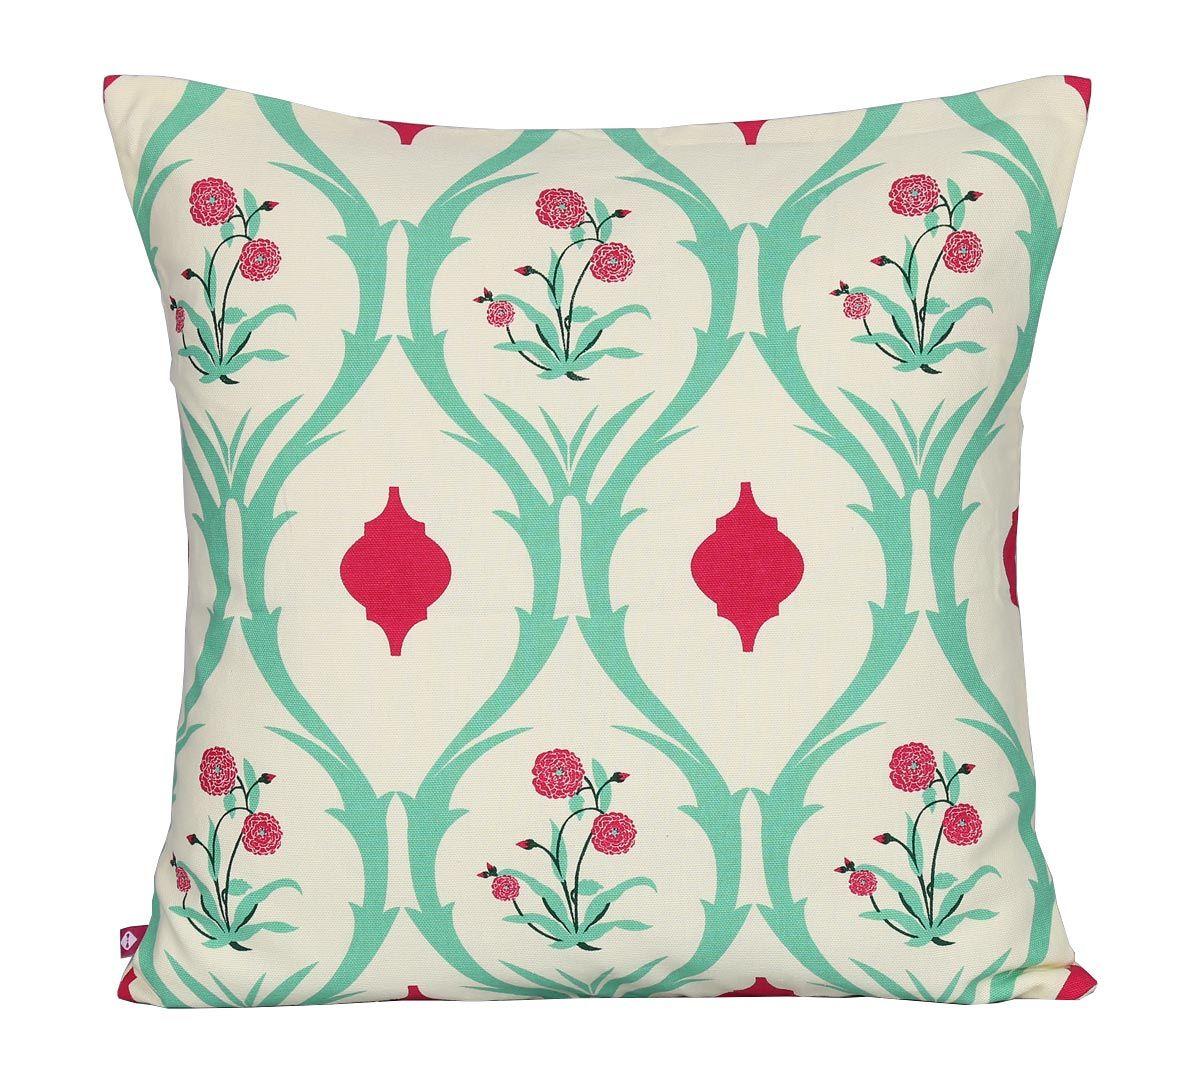 India Circus Lattice Roses Cotton Cushion Cover